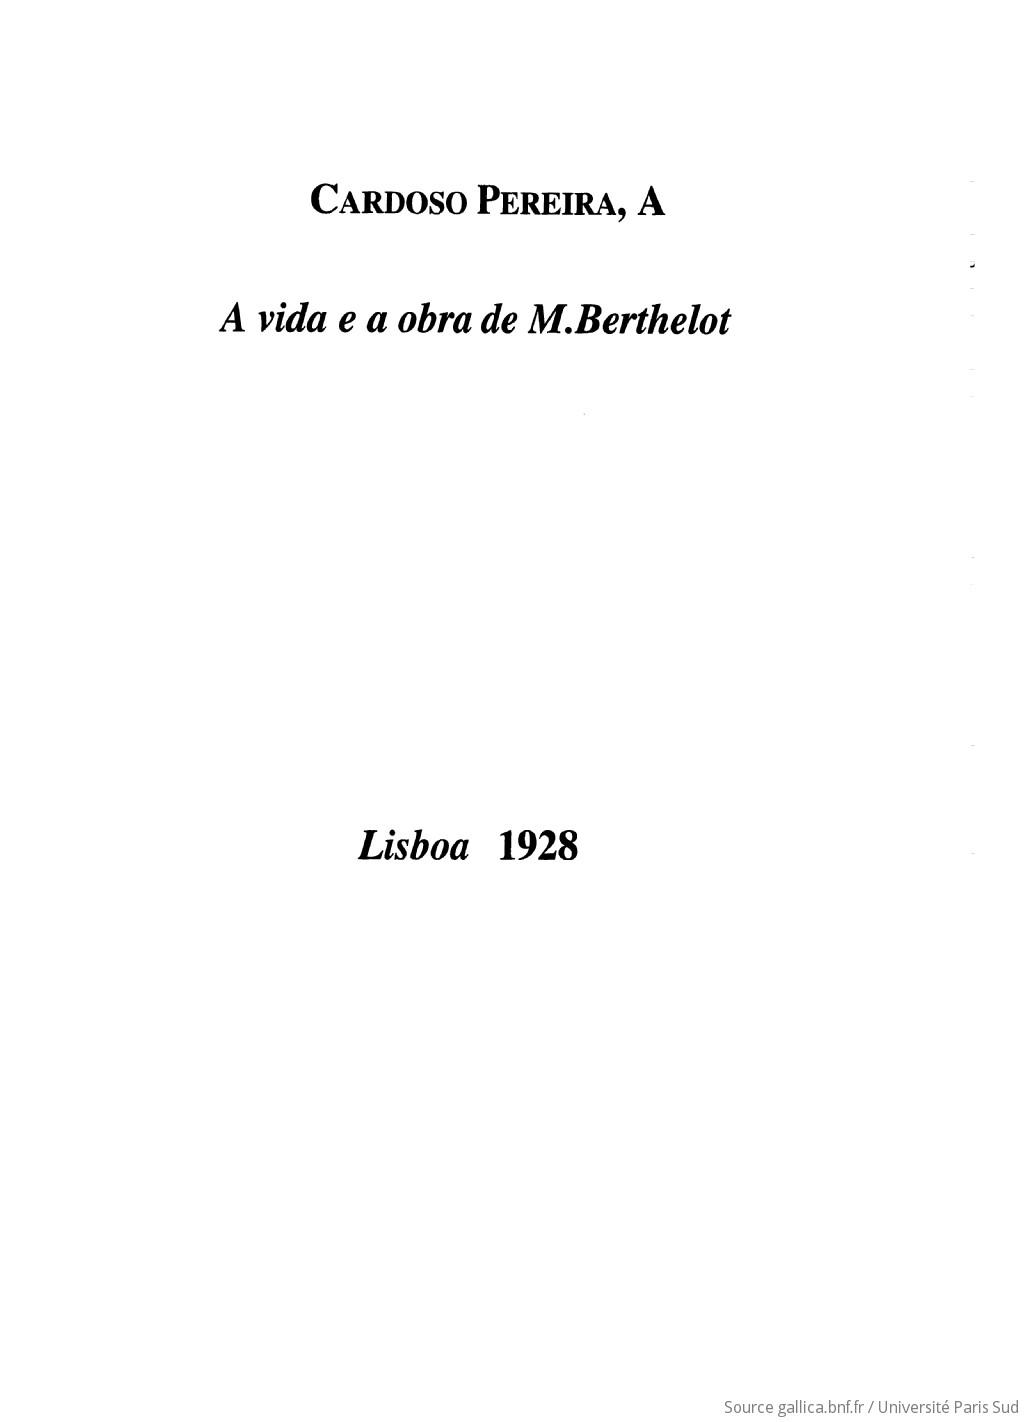 A vida e a obra de M. Berthelot